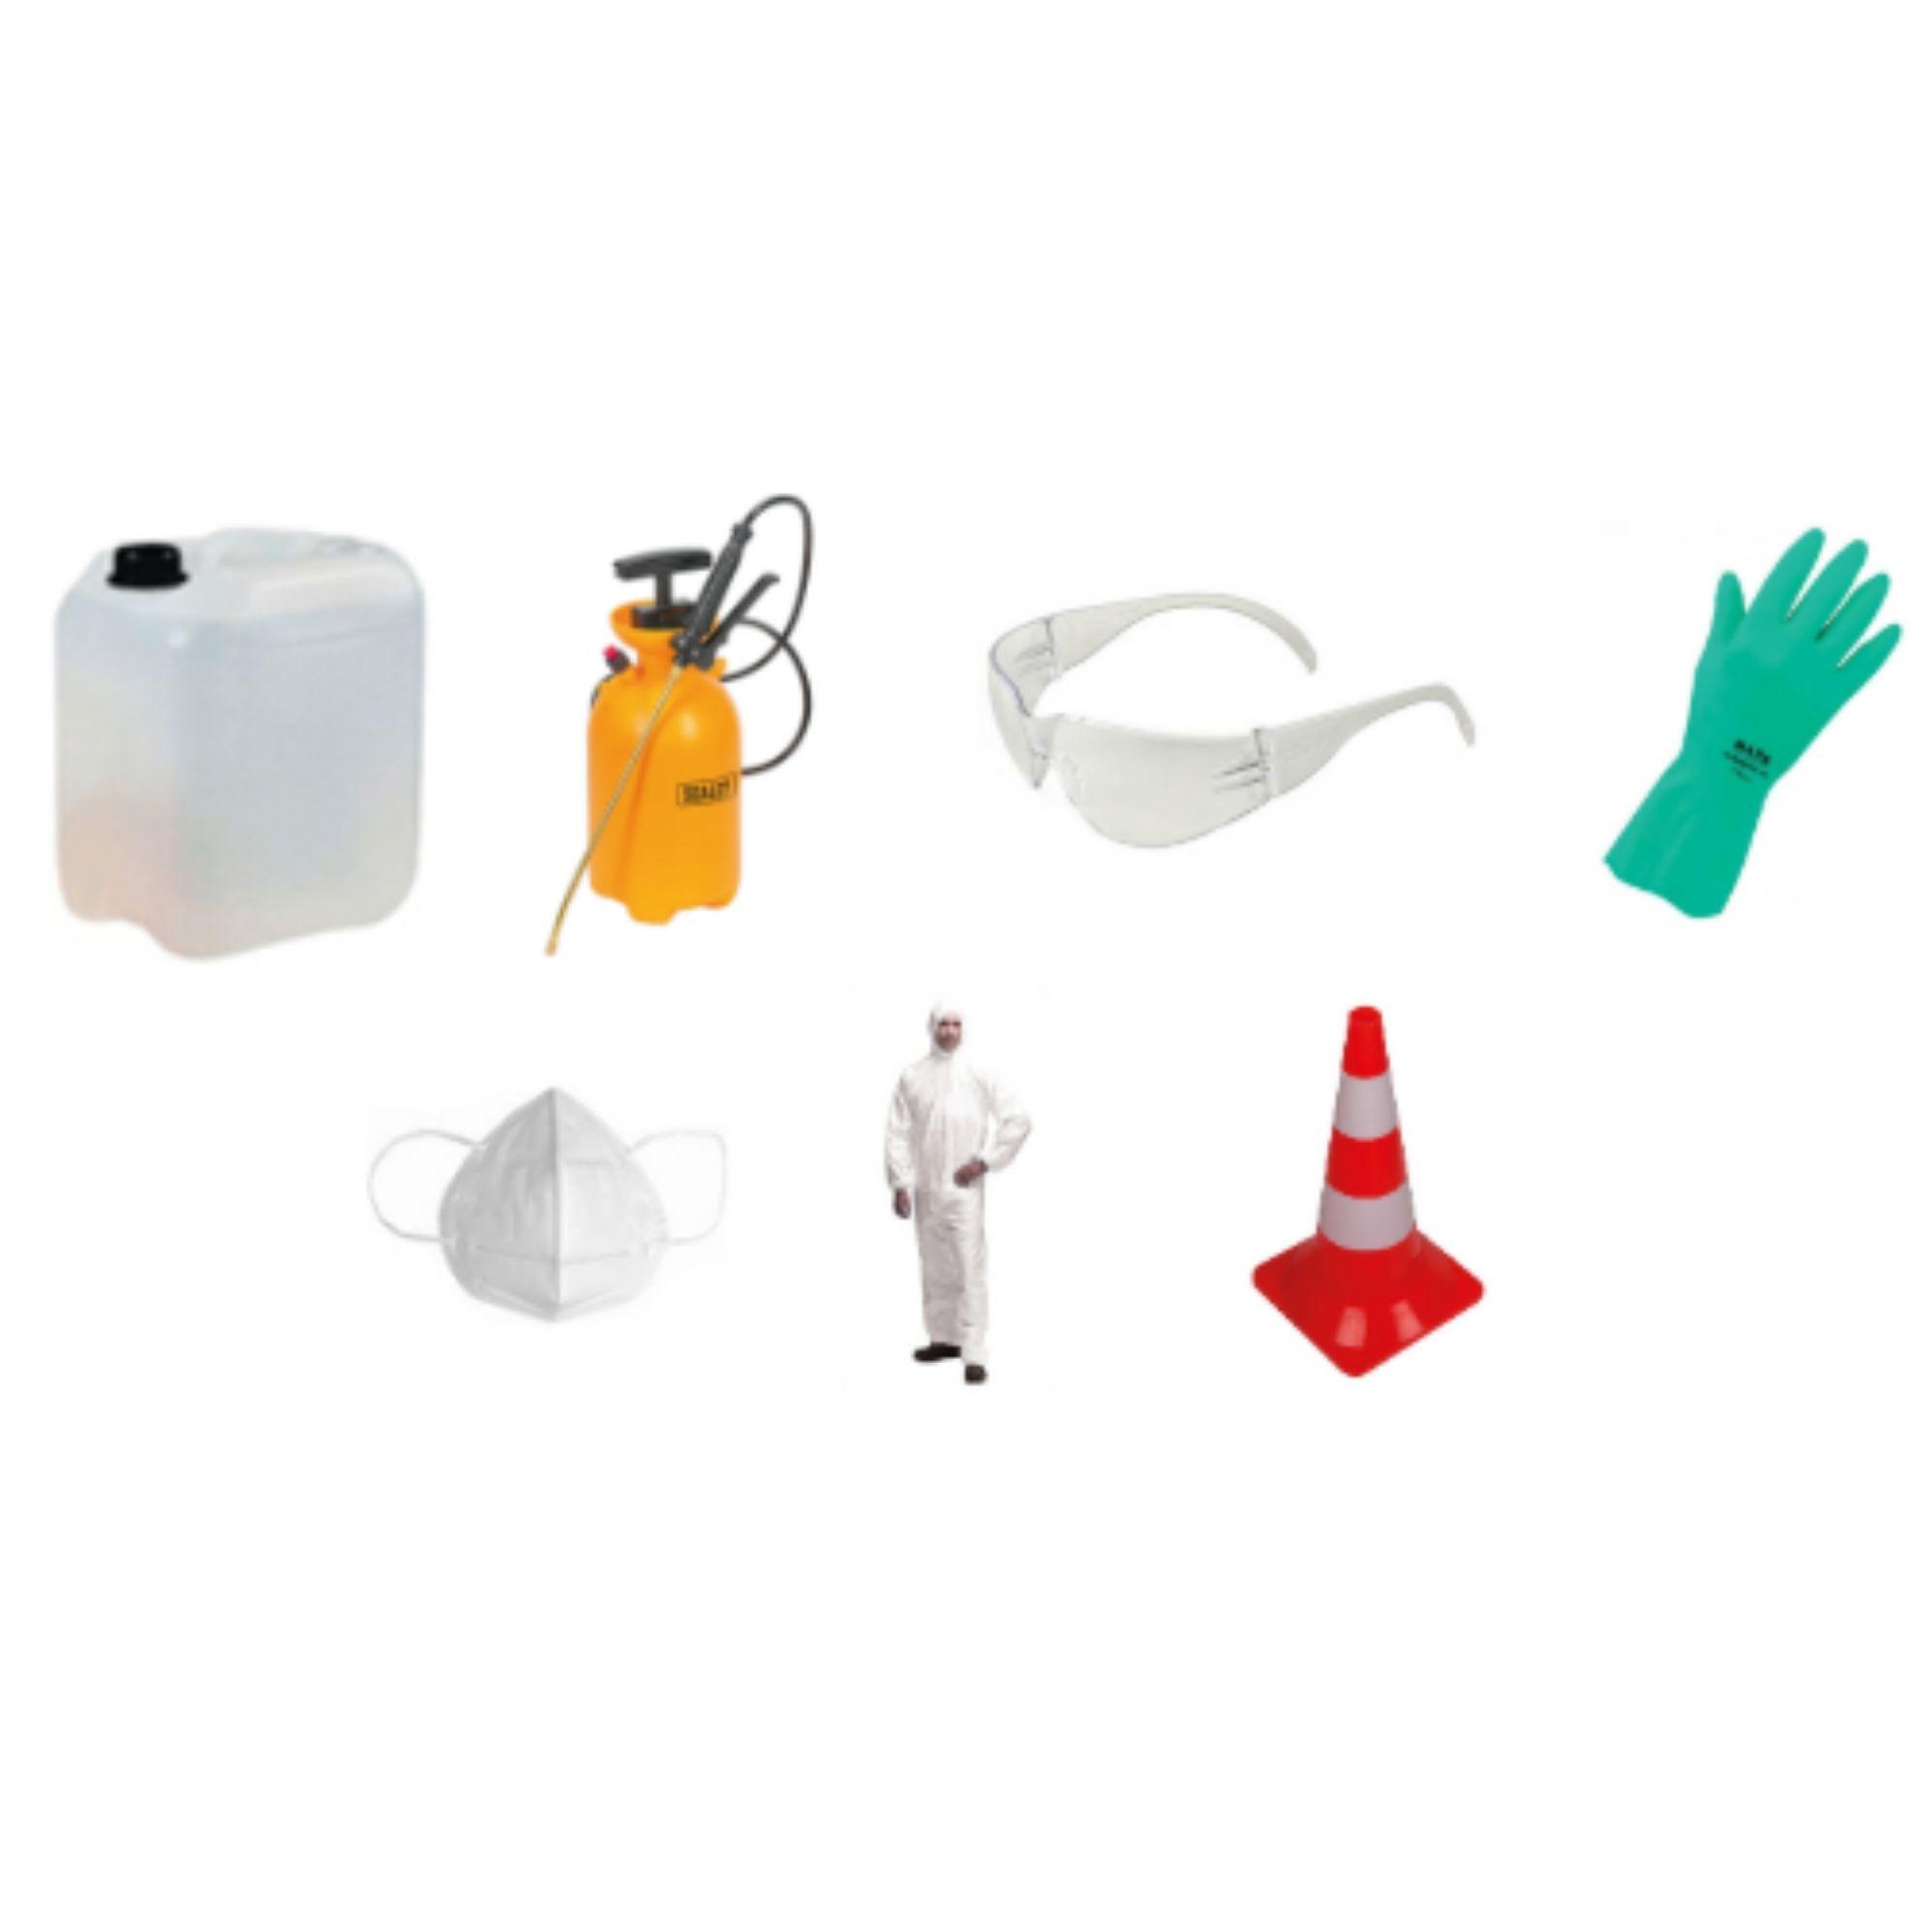 Kits de Limpeza e Desinfeção